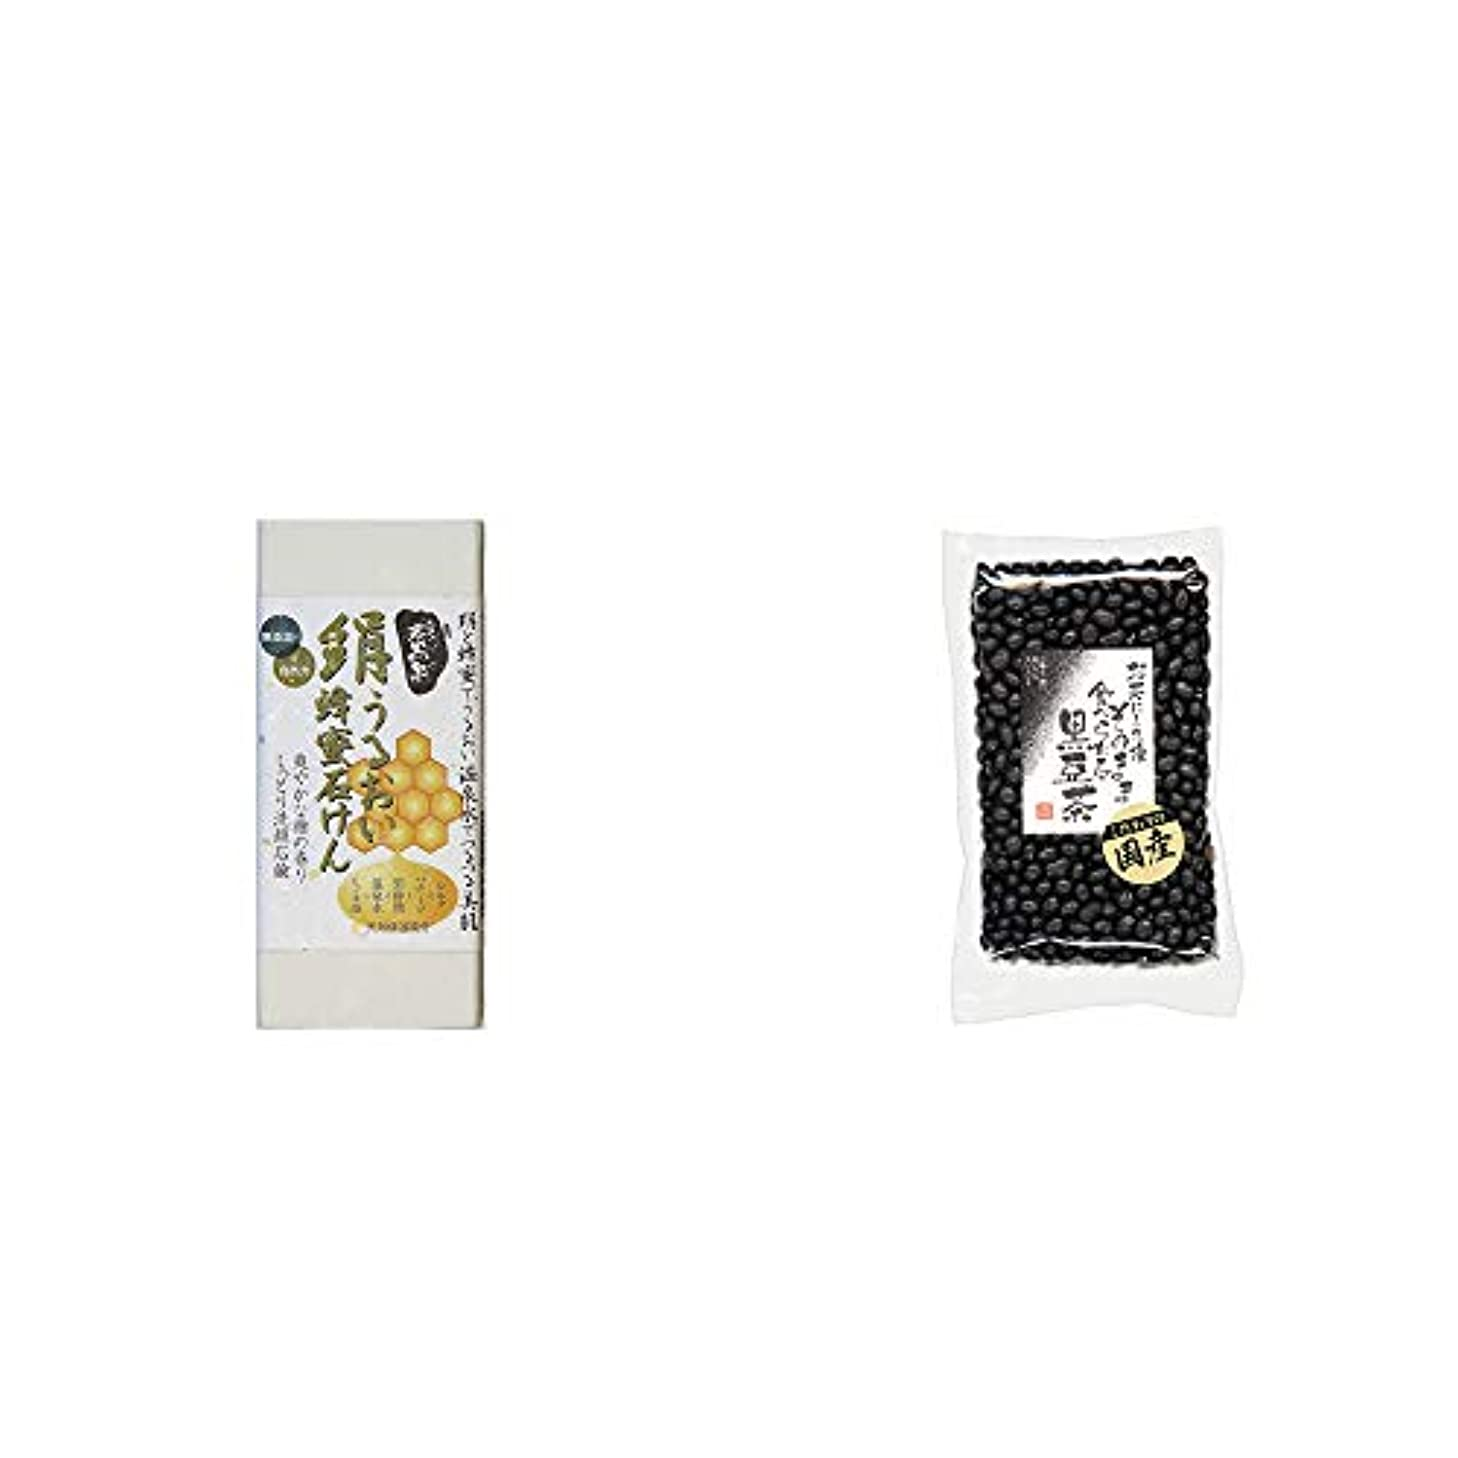 代表して増幅器引き付ける[2点セット] ひのき炭黒泉 絹うるおい蜂蜜石けん(75g×2)?国産 黒豆茶(200g)